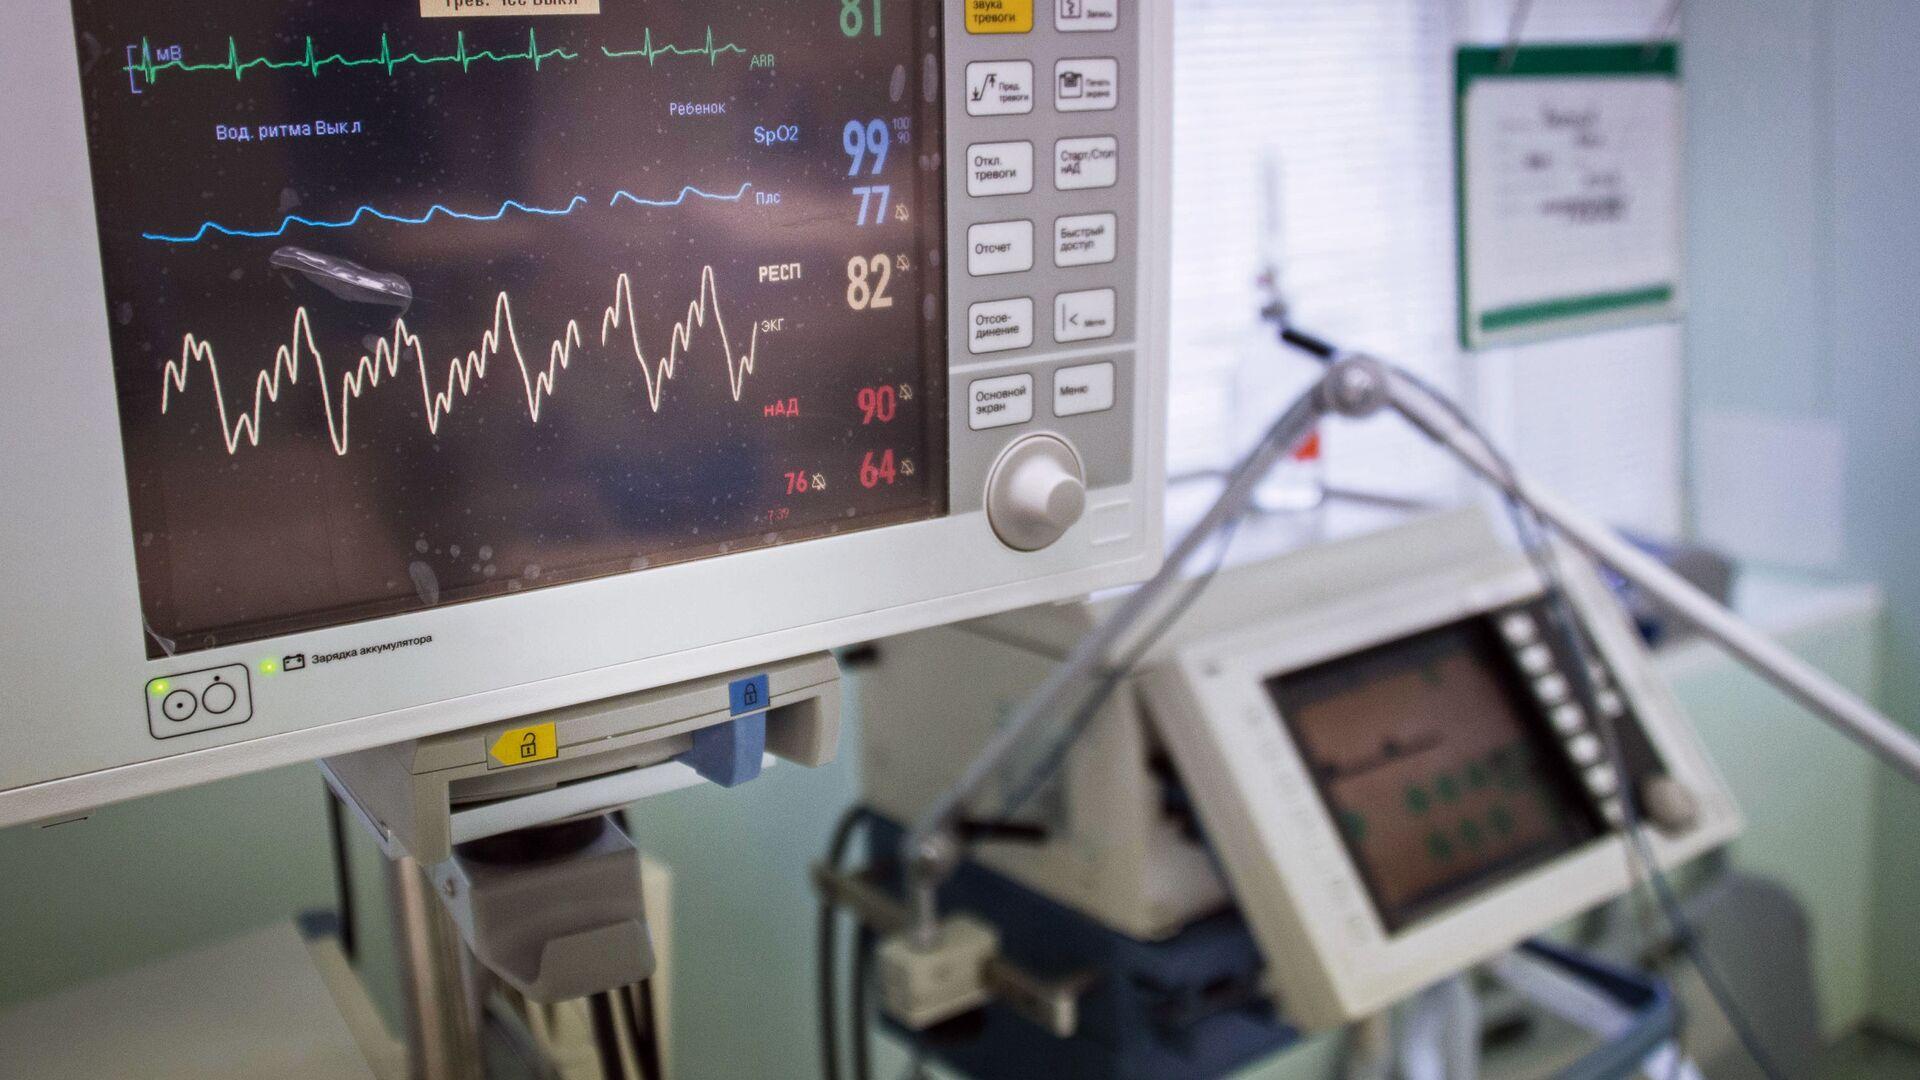 Диагностический медицинский прибор в одной из больниц Москвы - РИА Новости, 1920, 21.04.2020